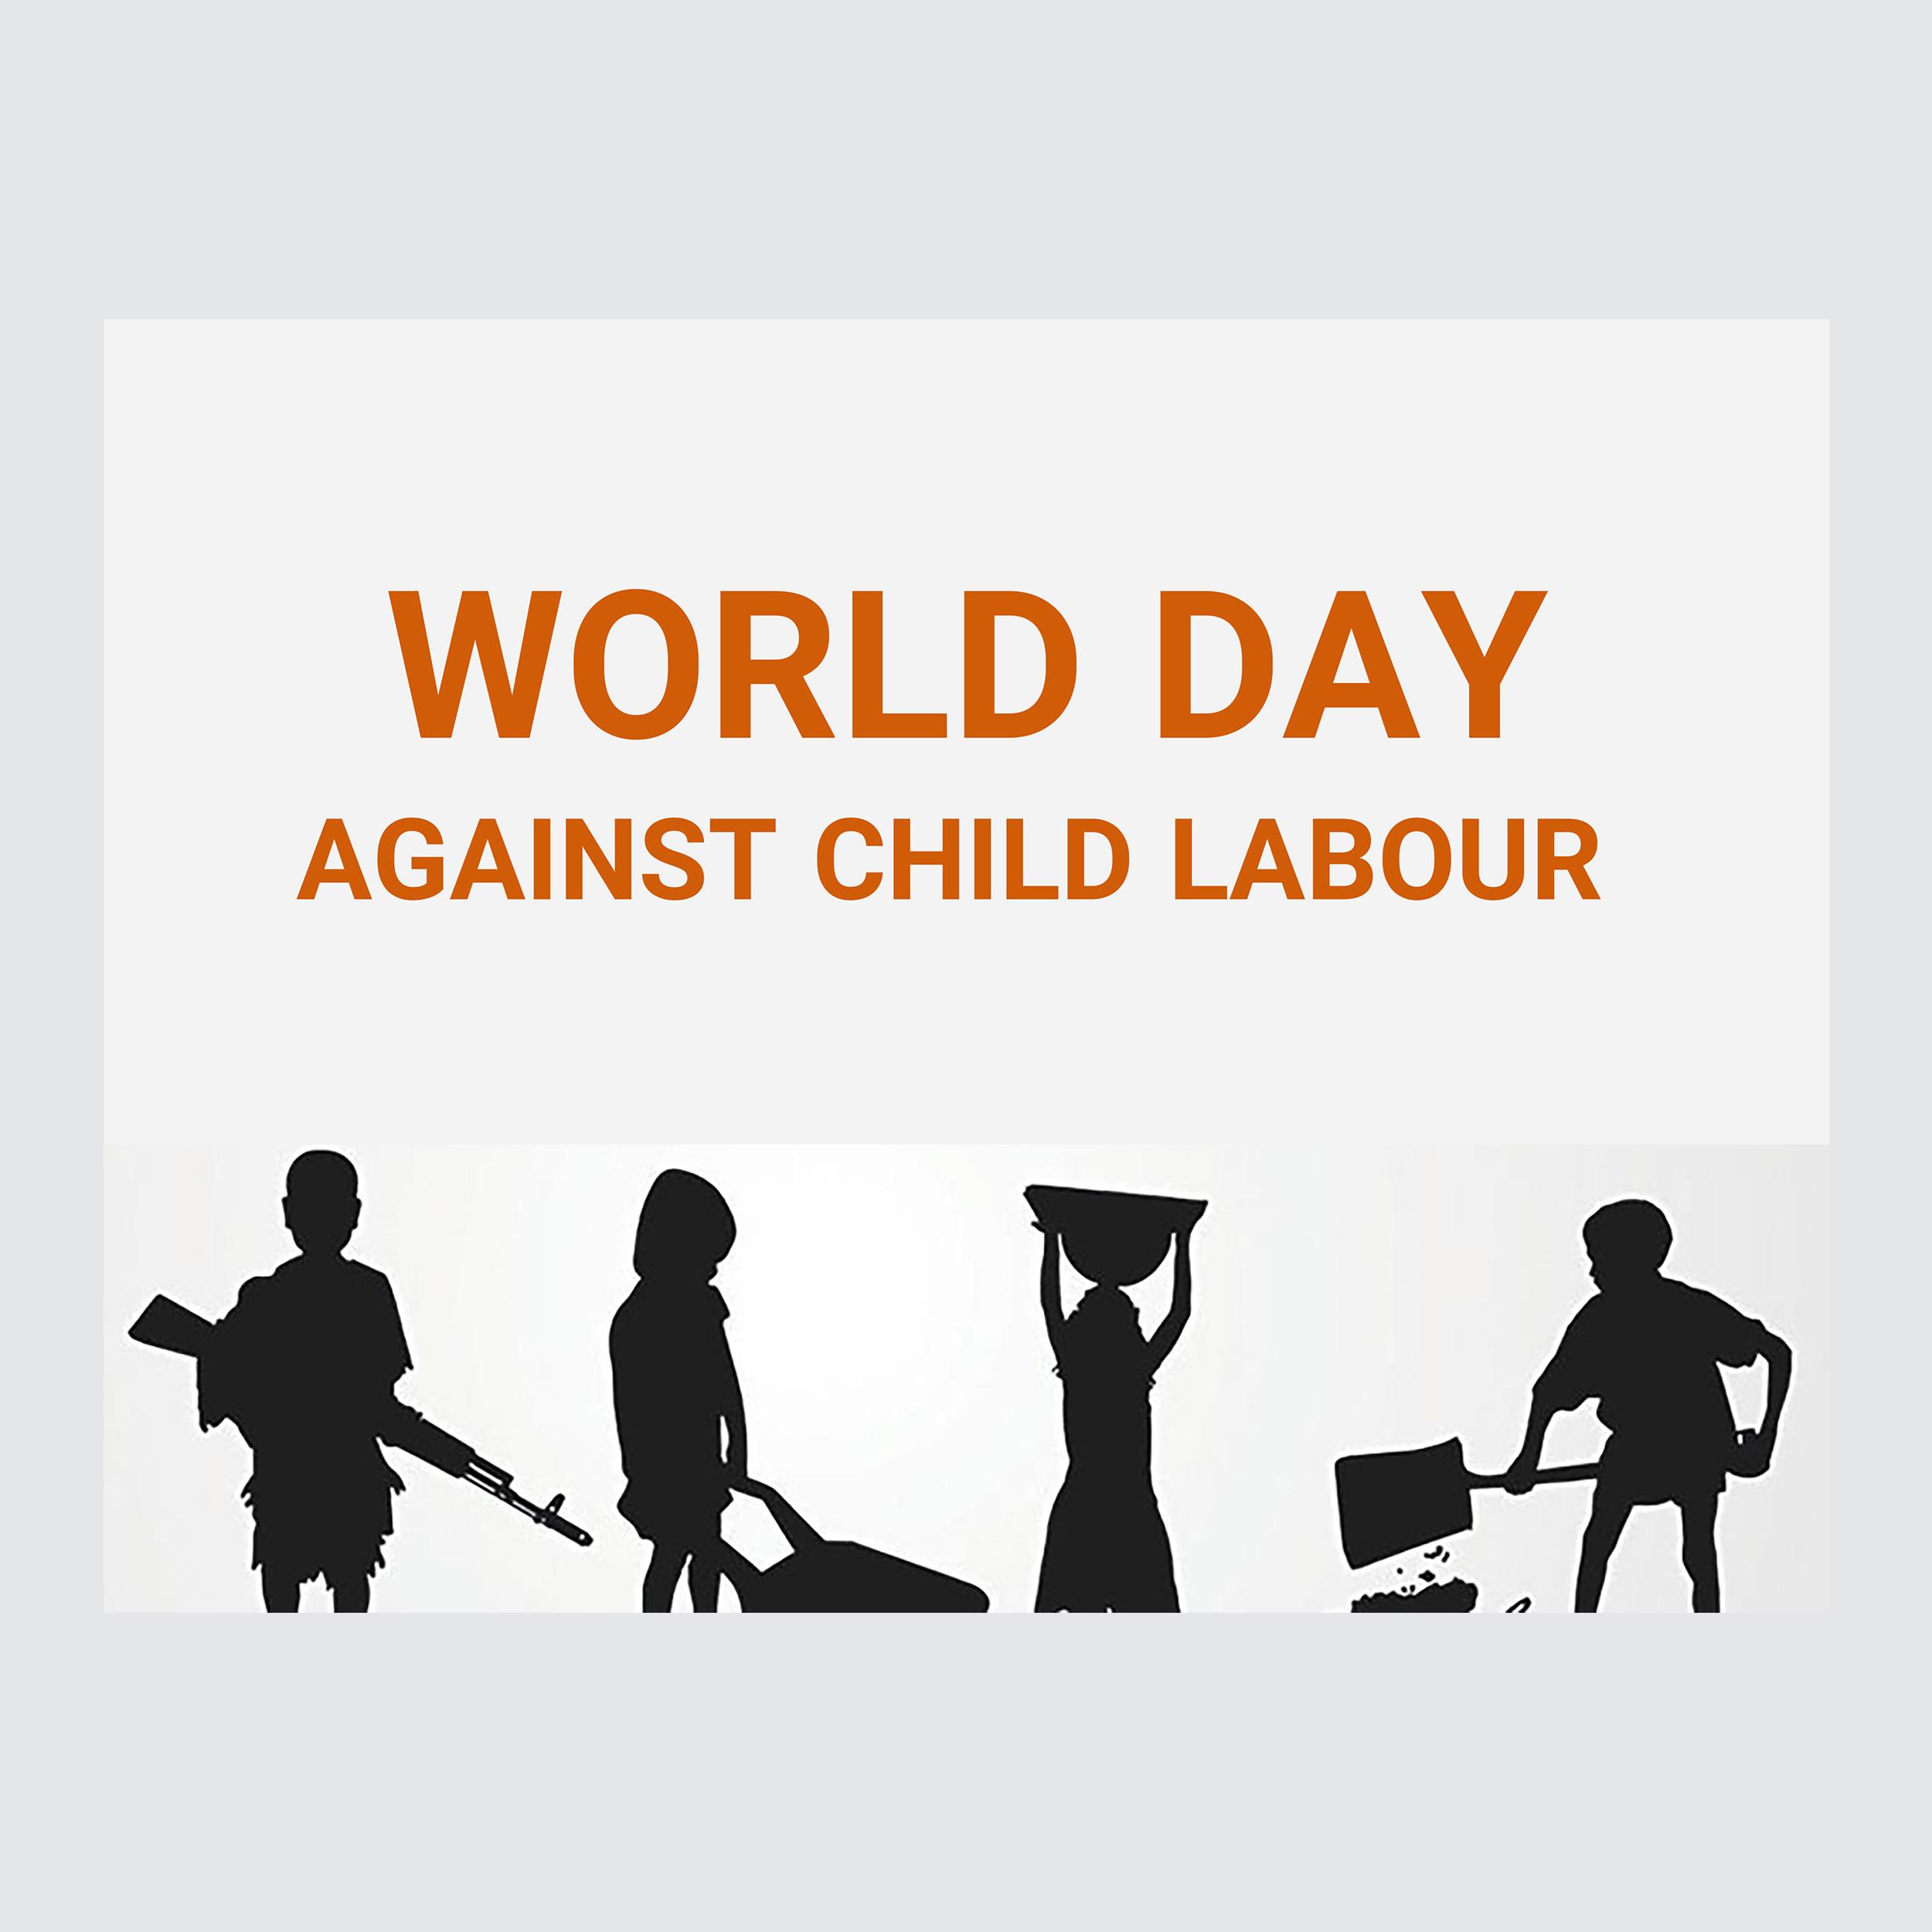 کارت پستال ماهتاب طرح روز مبارزه با کار کودکان کد 2423